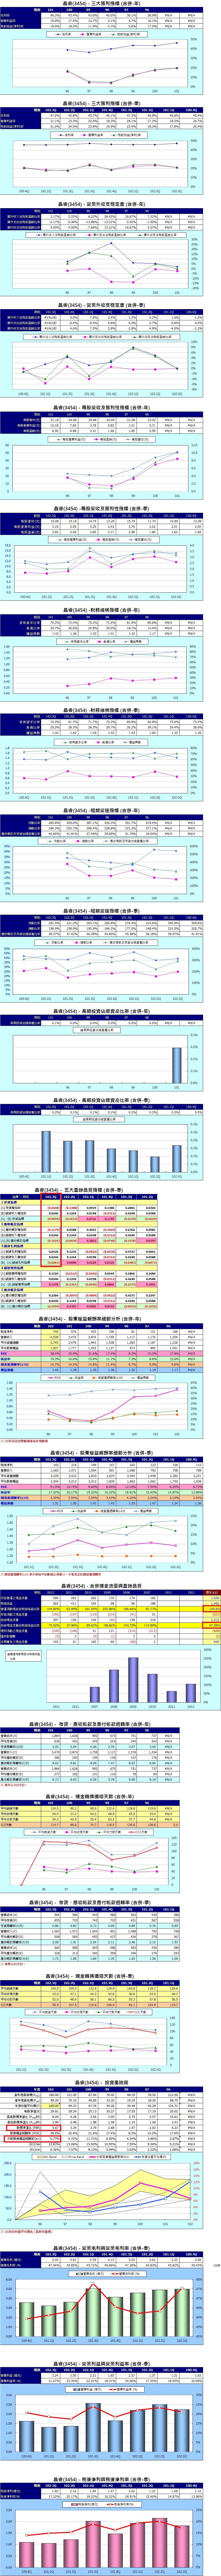 3454細部財務分析